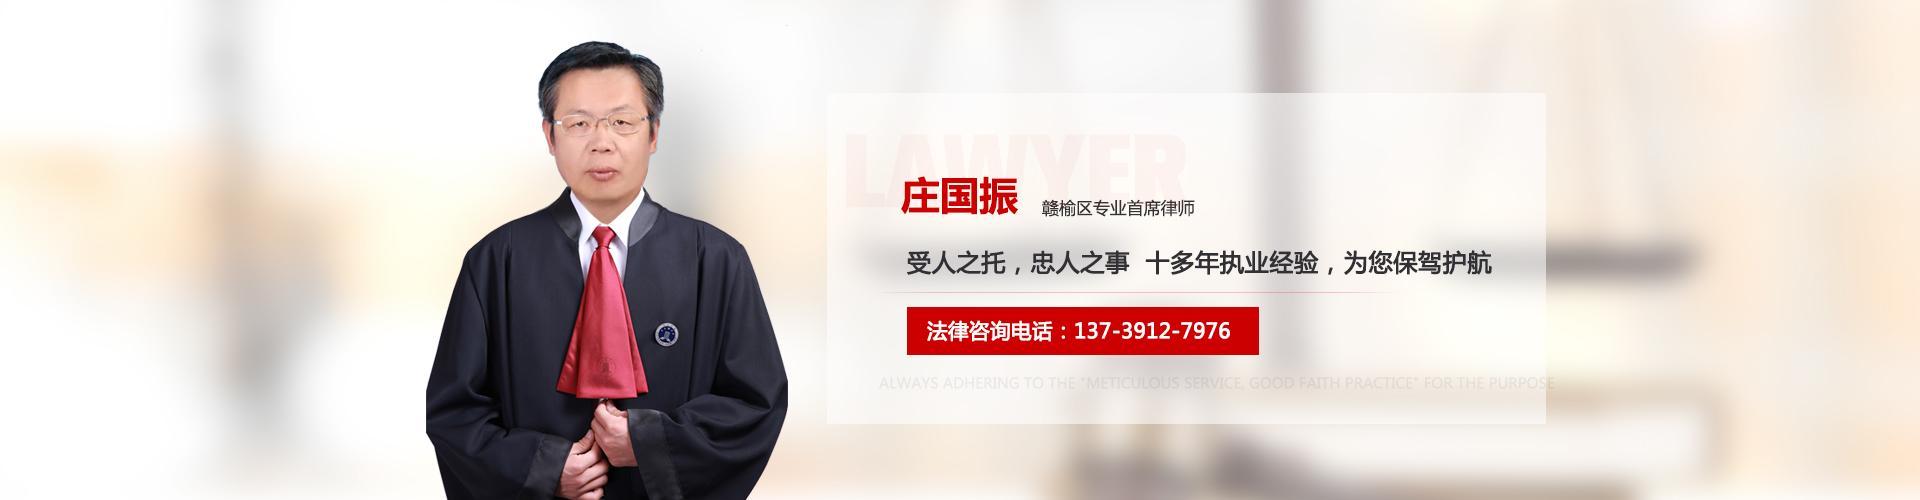 庄国振律师